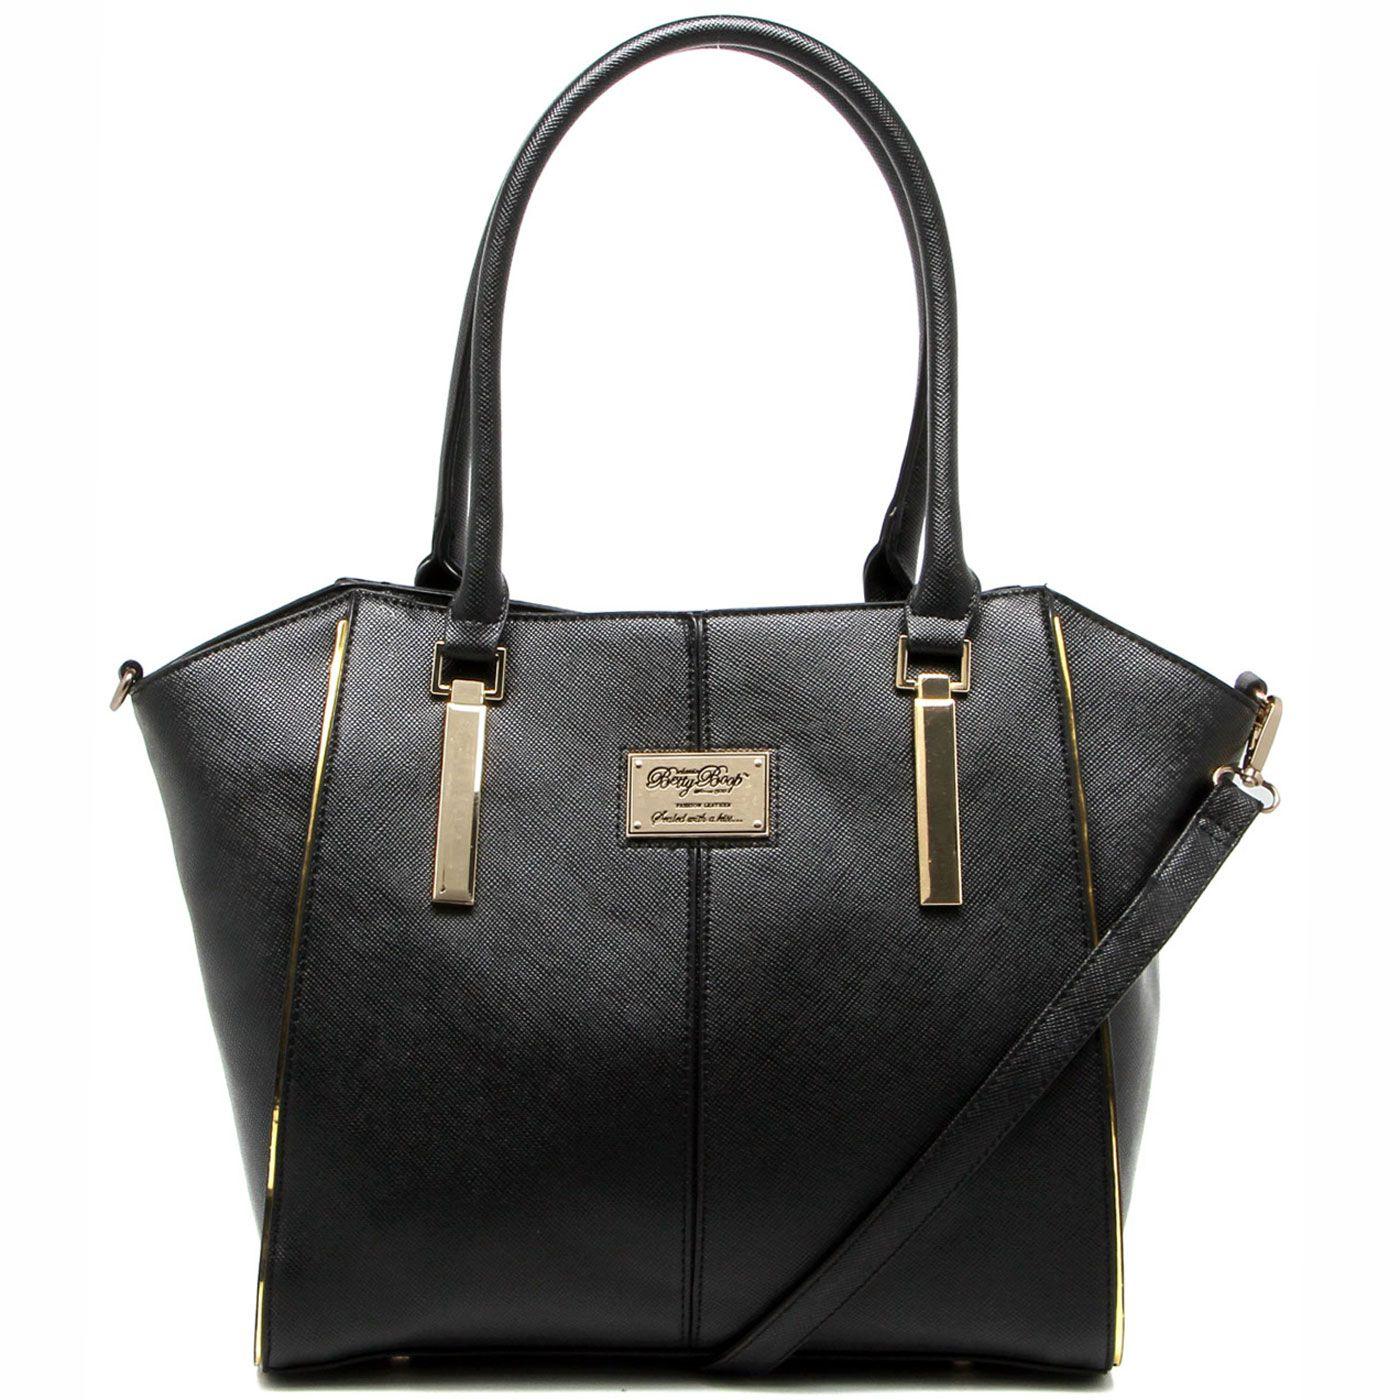 affecbf31 BOLSA ESTRUTURADA LOGO BP6802 - BETTY BOOP - Classe Bag